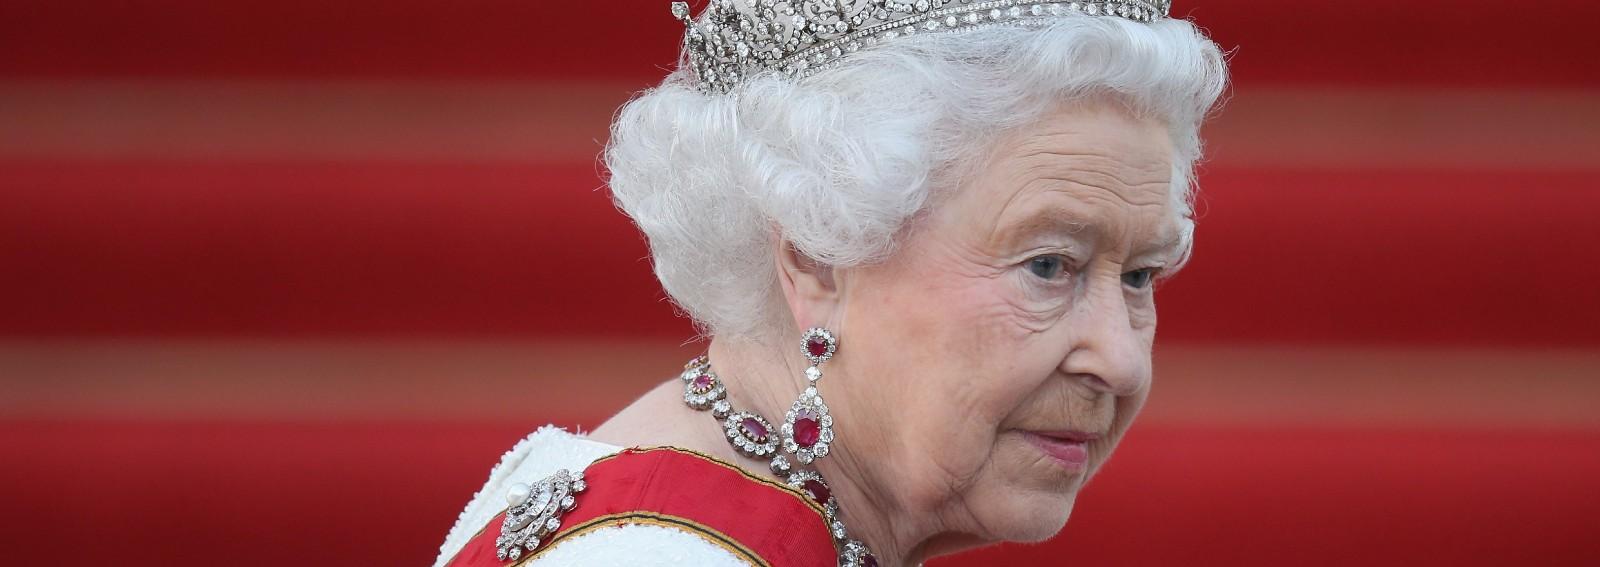 regina elisabetta hero